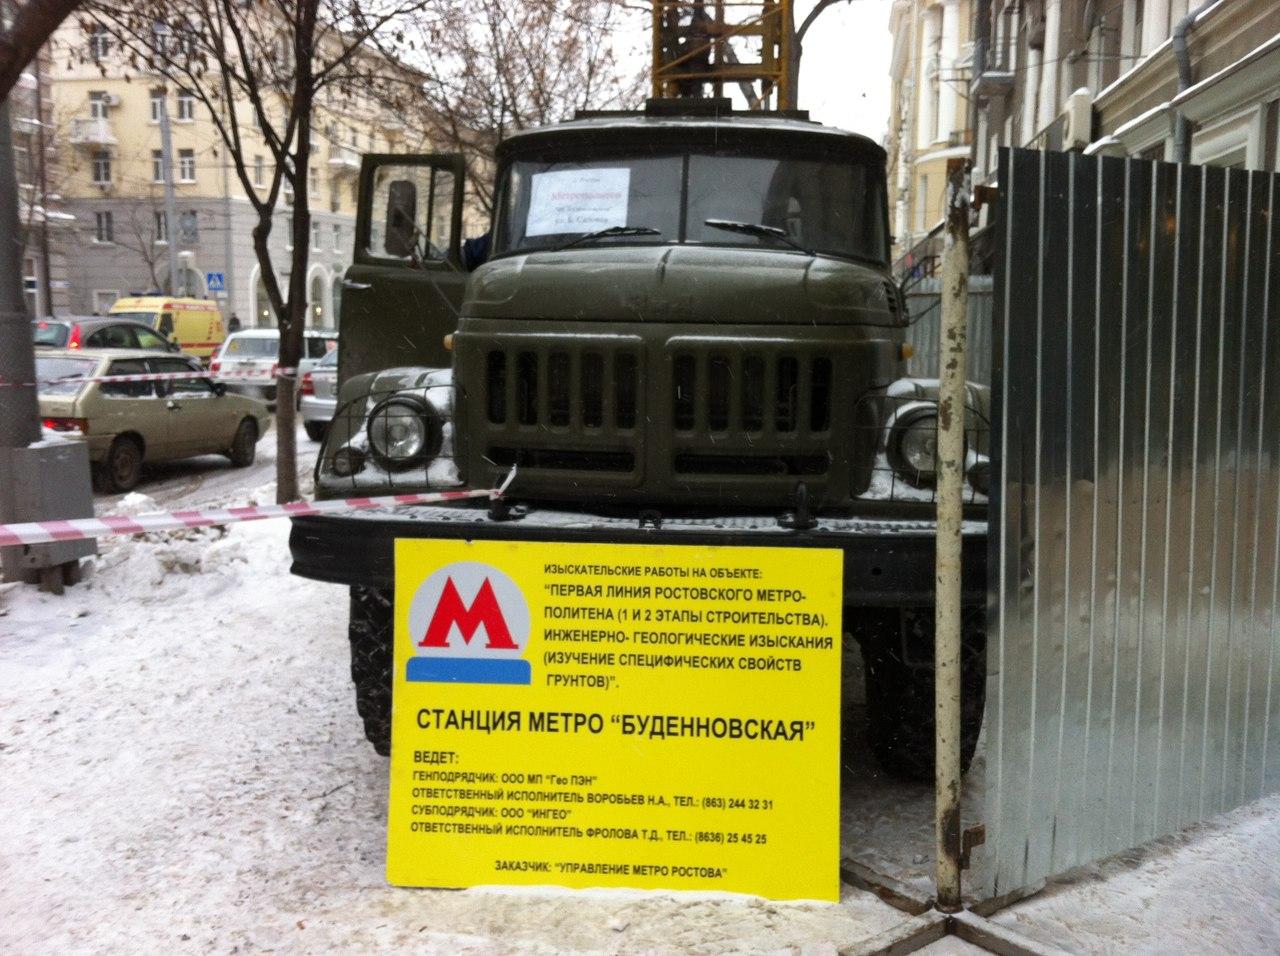 Продолжаем продолжать: ростовские власти решили вернуться к проекту метро